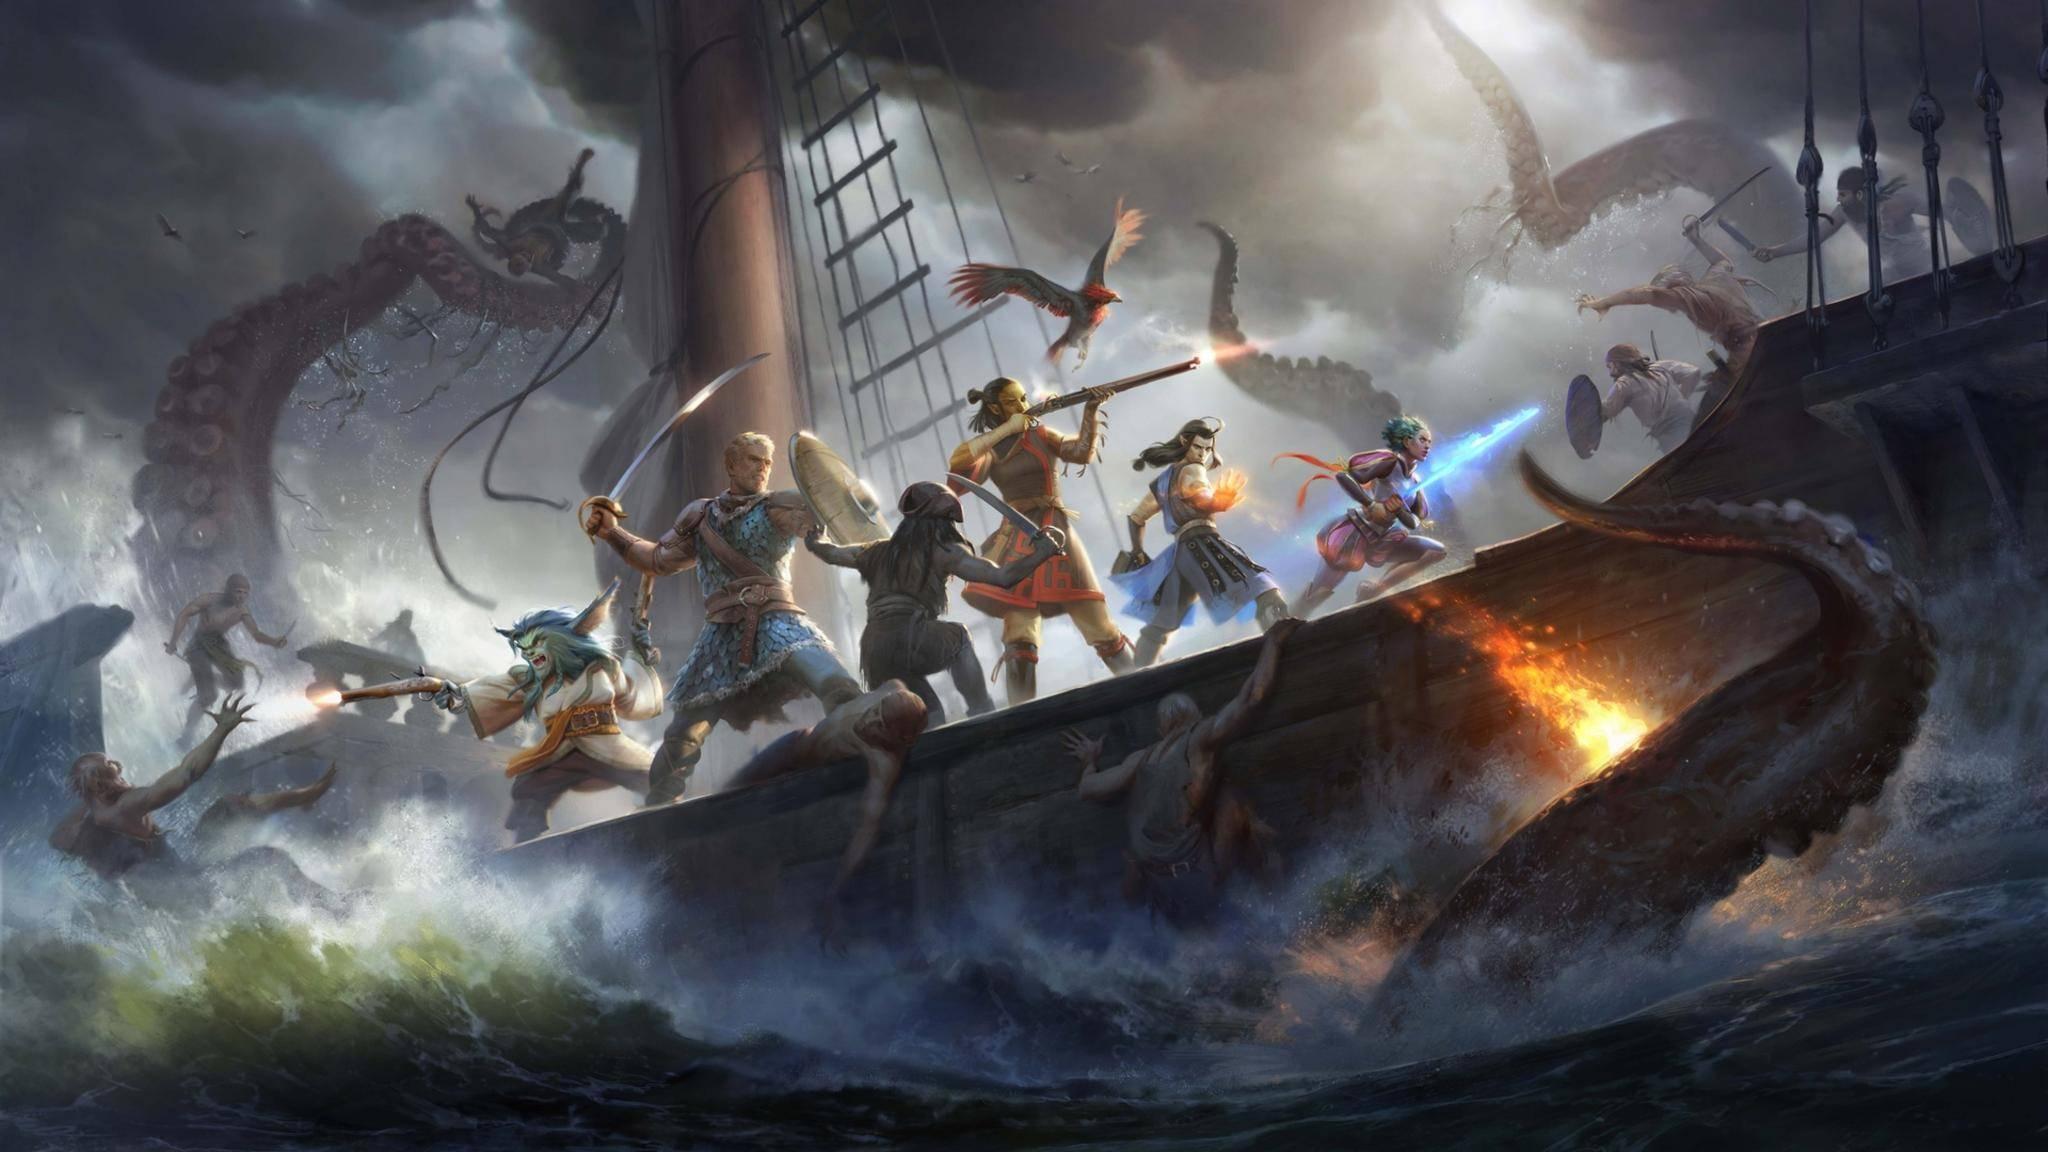 """So bombastisch wie in der Werbung wirken die Seeschlachten in """"Pillars of Eternity 2: Deadfire"""" nicht."""